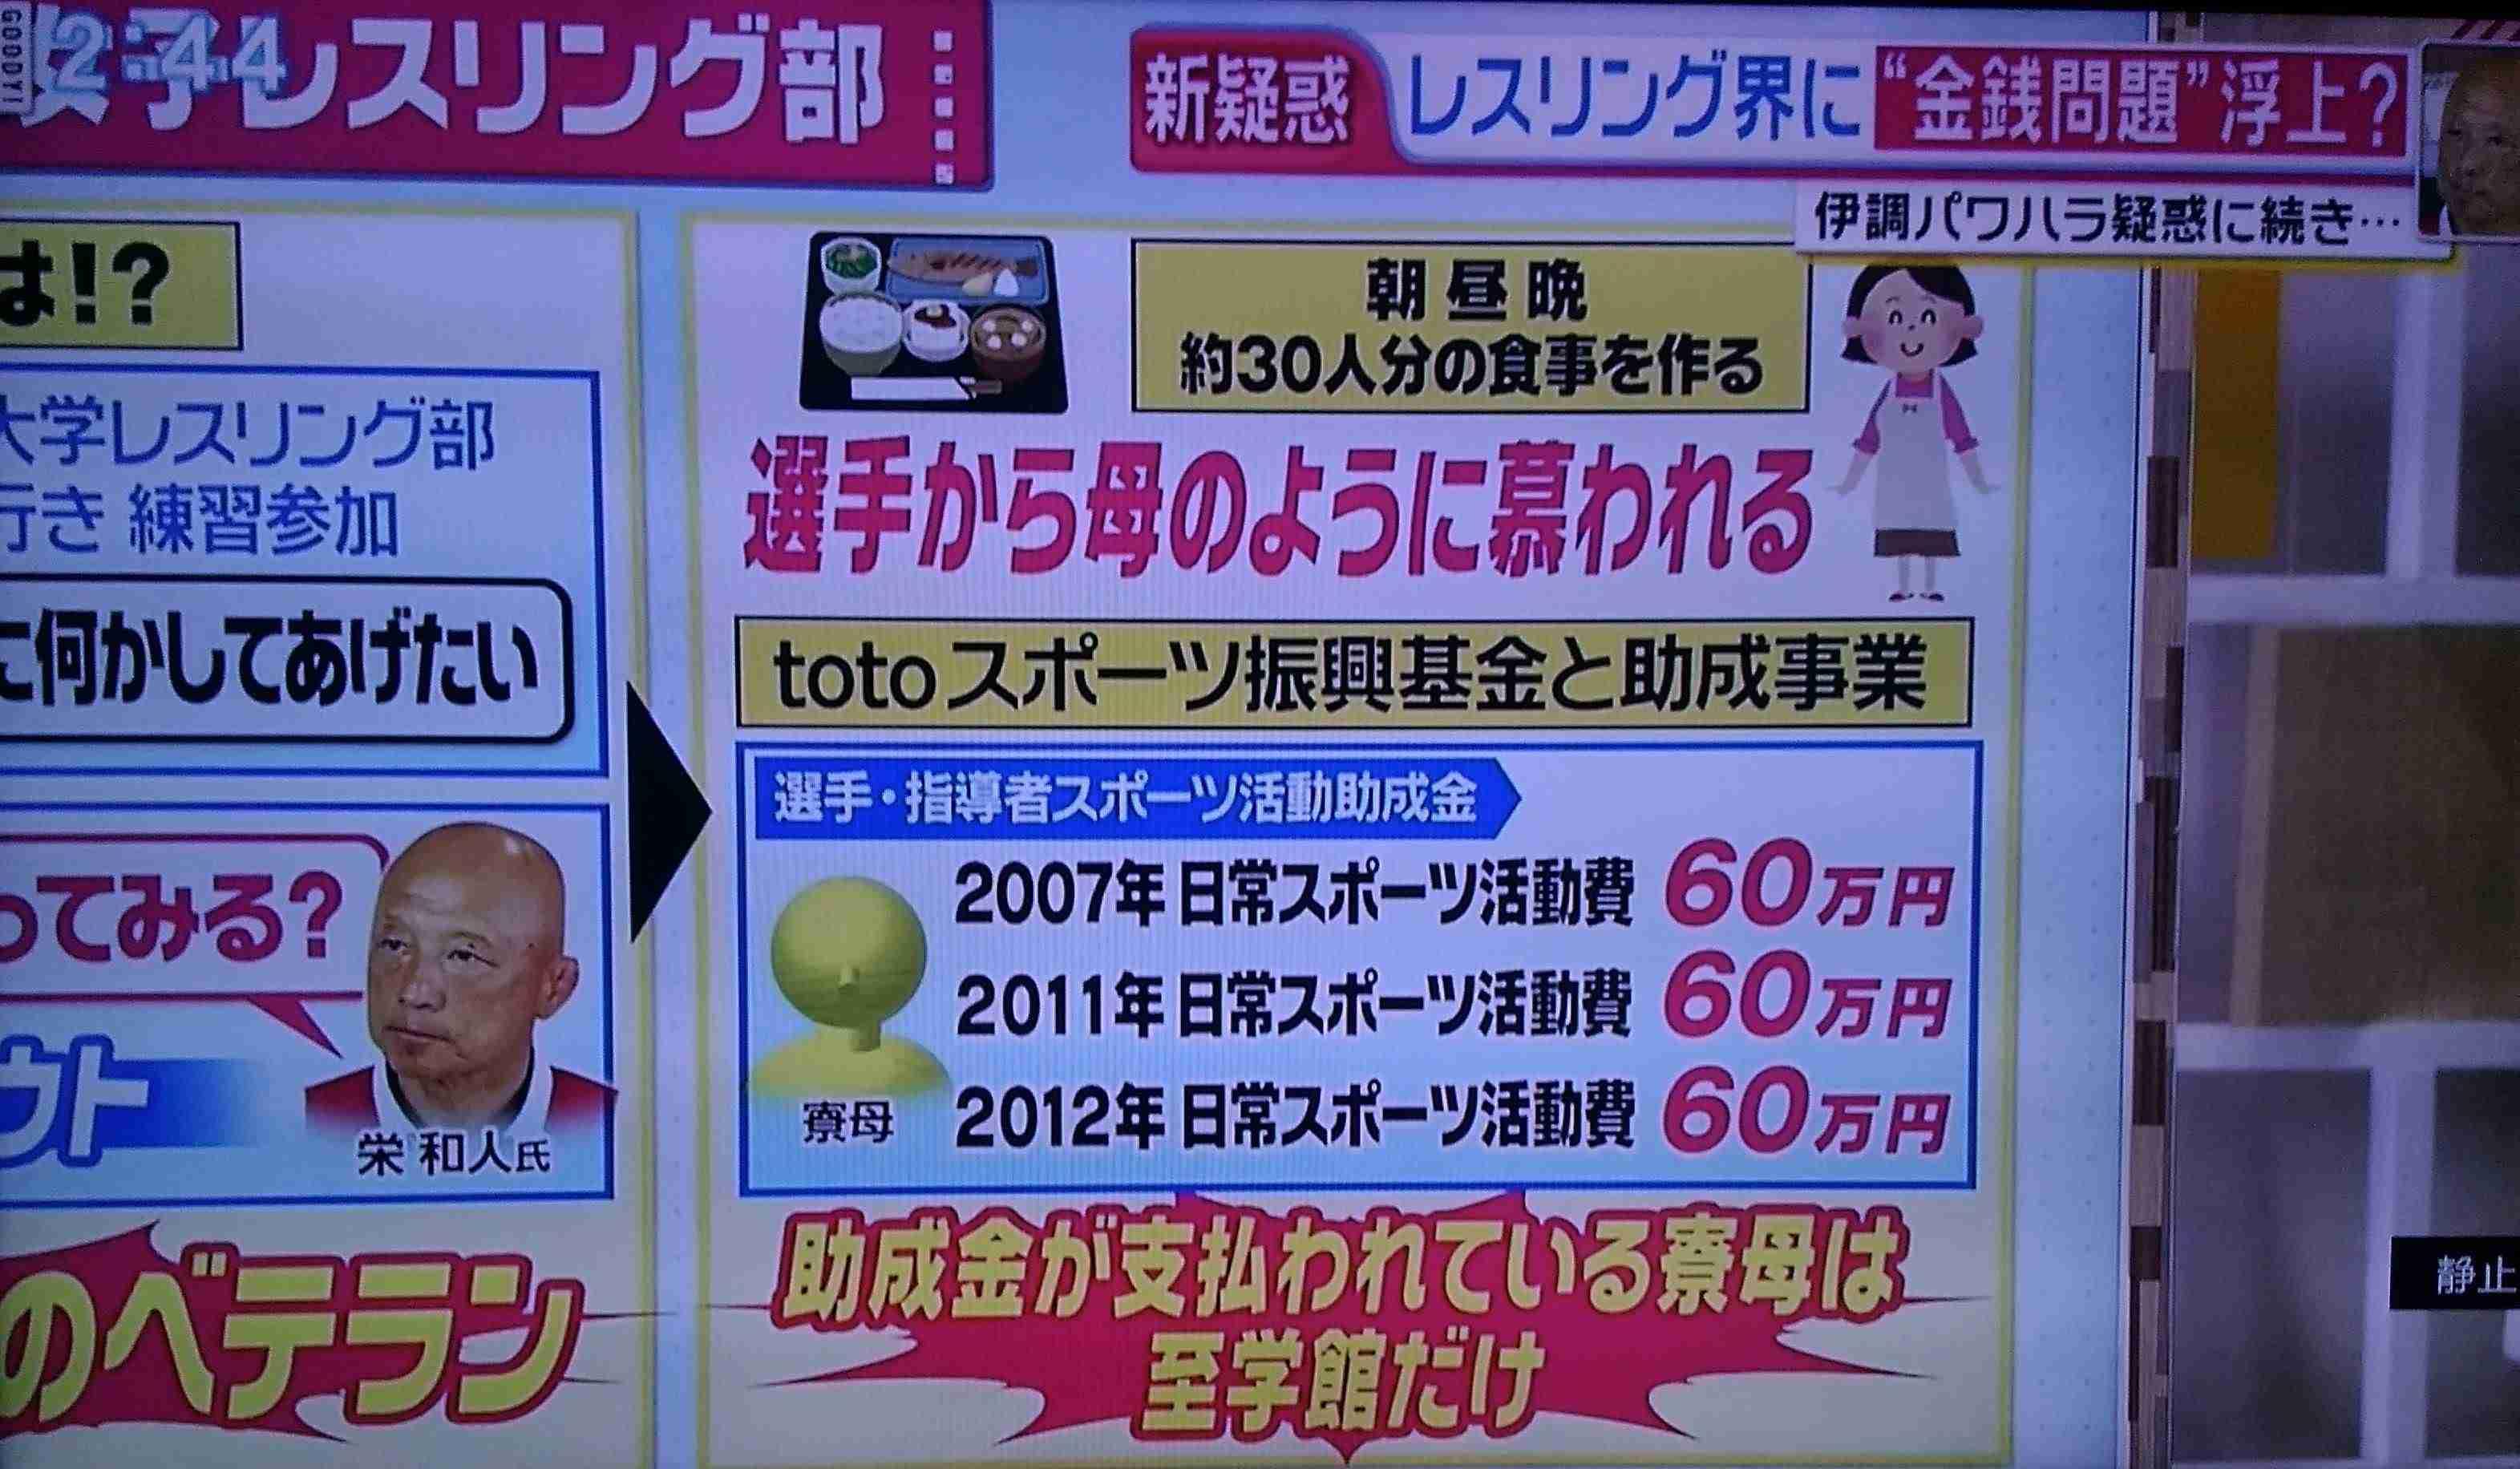 レスリング栄和人氏に新たな疑惑 指導実態のない妻にJOC強化費720万円